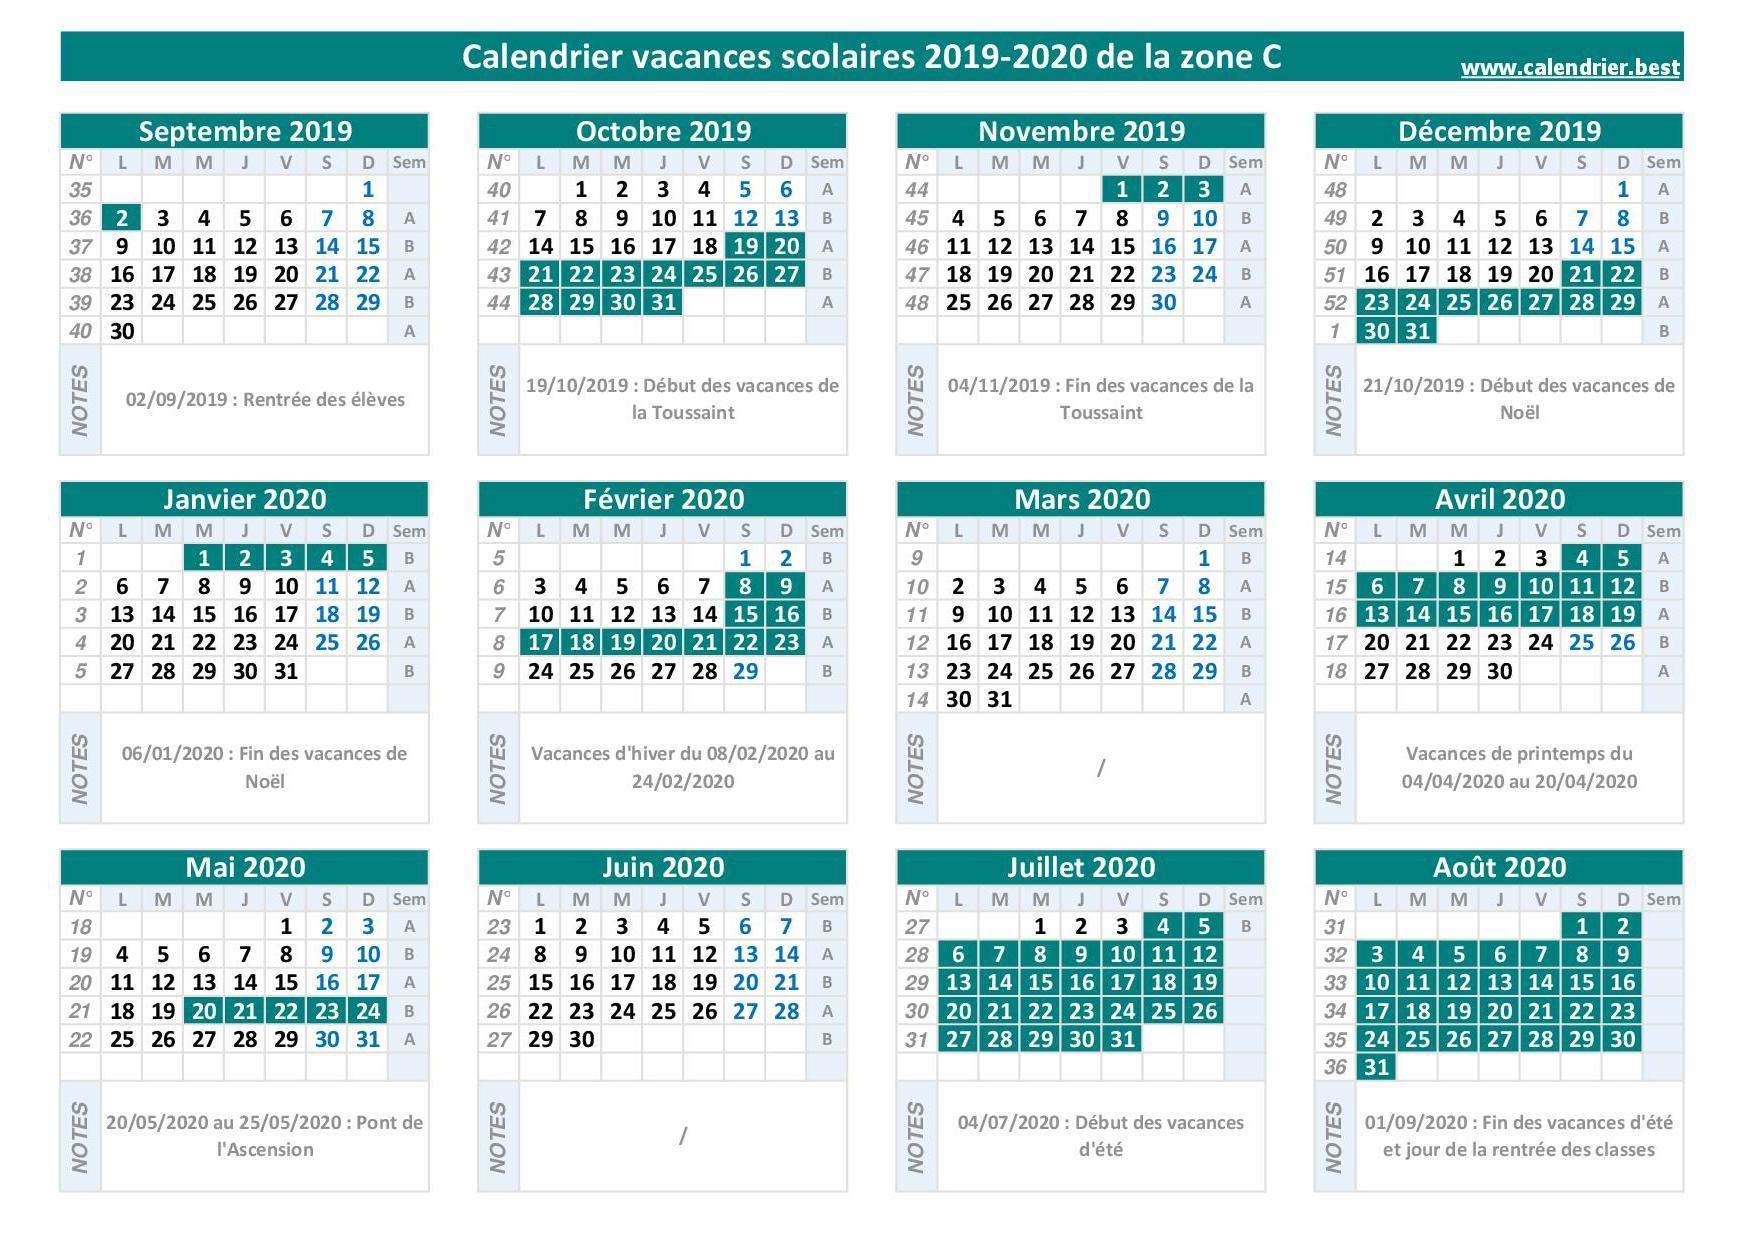 Calendrier+Des+Vacances+Scolaires - dedans Calendrier 2019 Avec Jours Fériés Vacances Scolaires À Imprimer